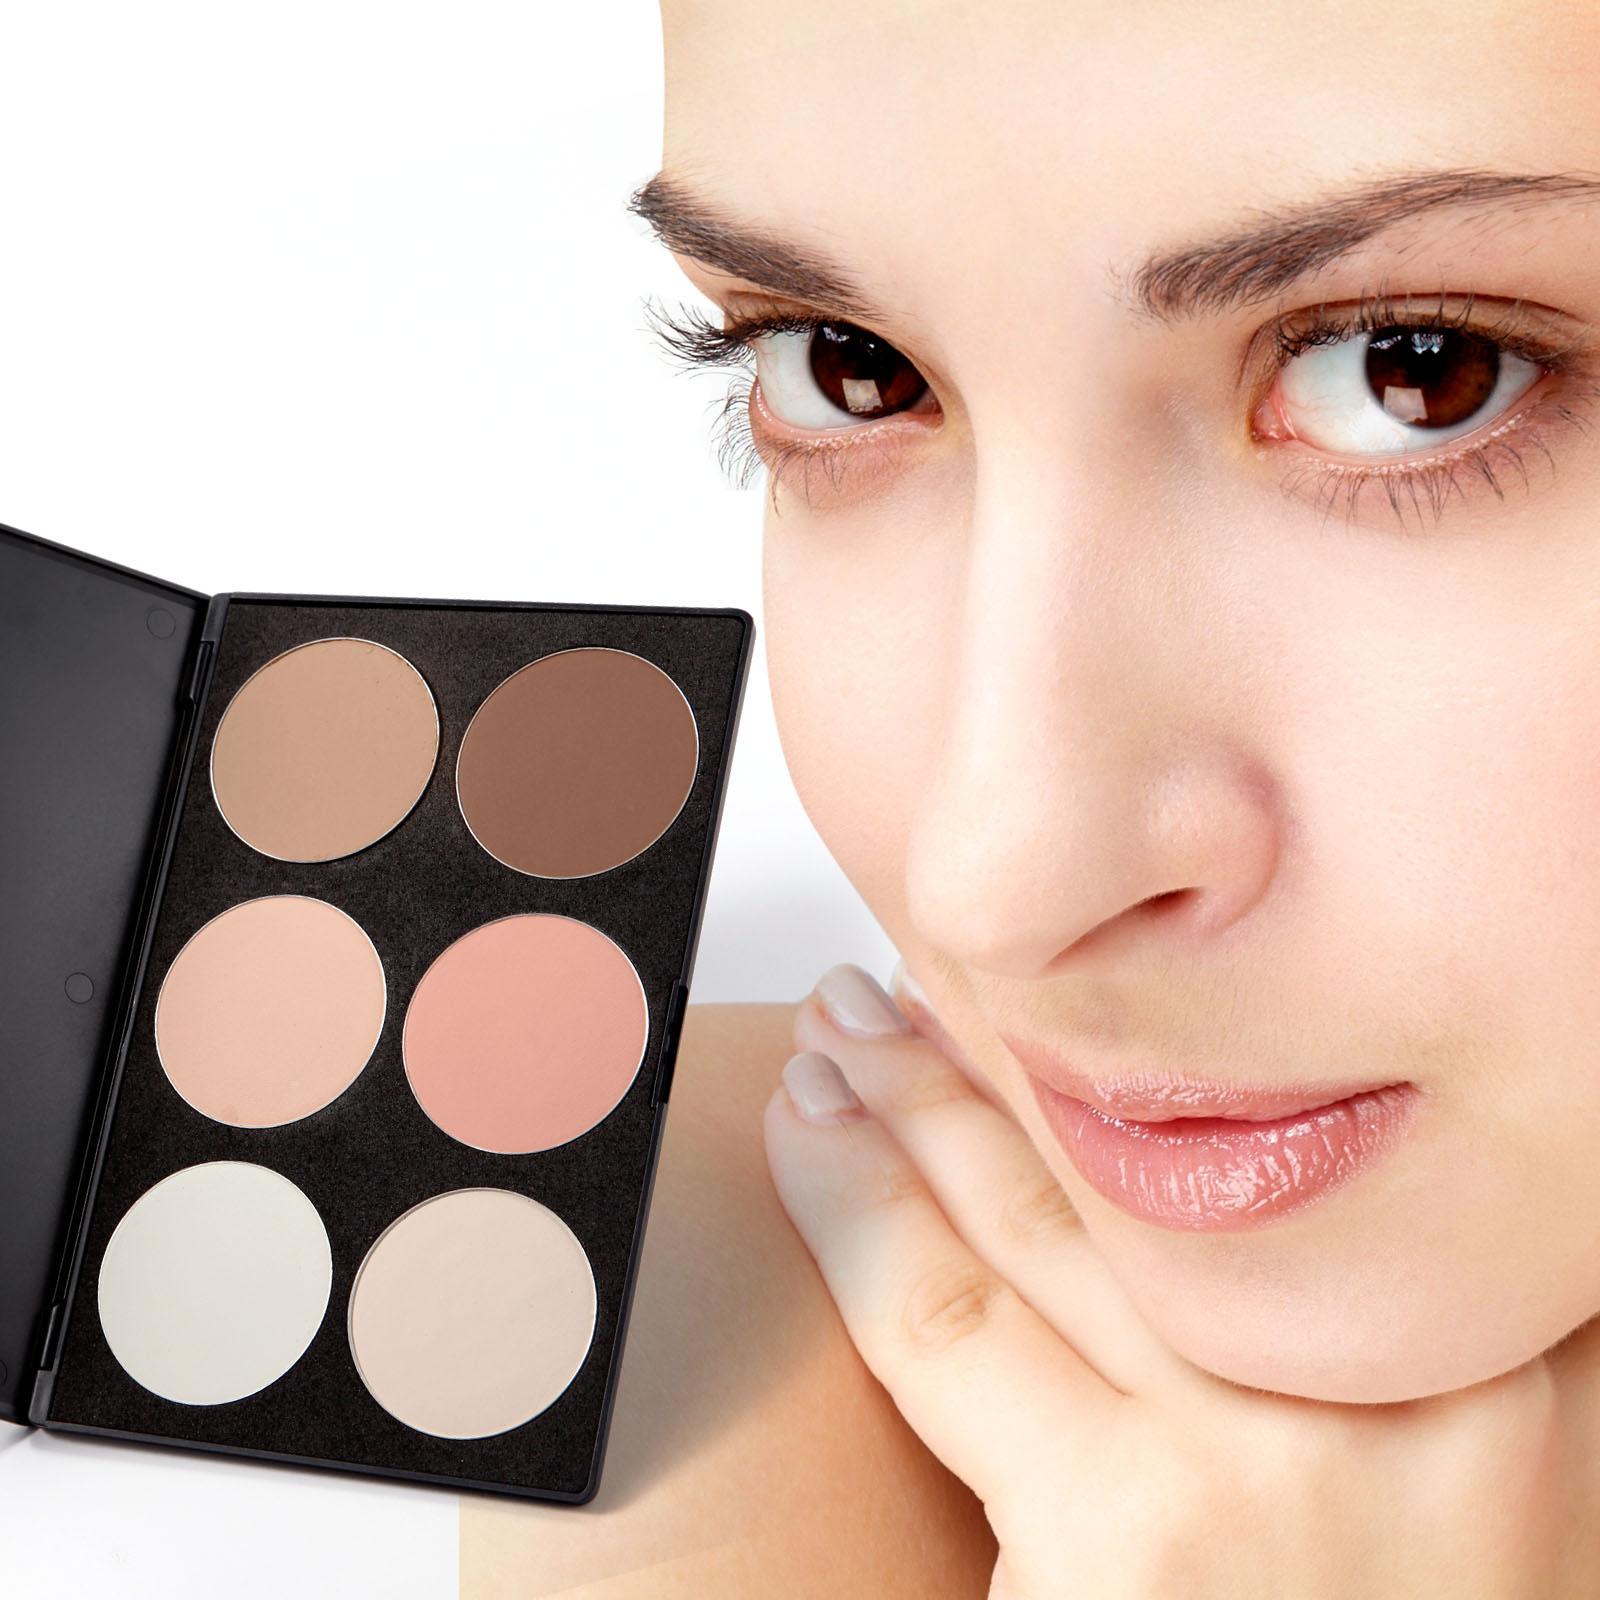 6 nude farben highlighting puder teint blush make up palette ebay. Black Bedroom Furniture Sets. Home Design Ideas